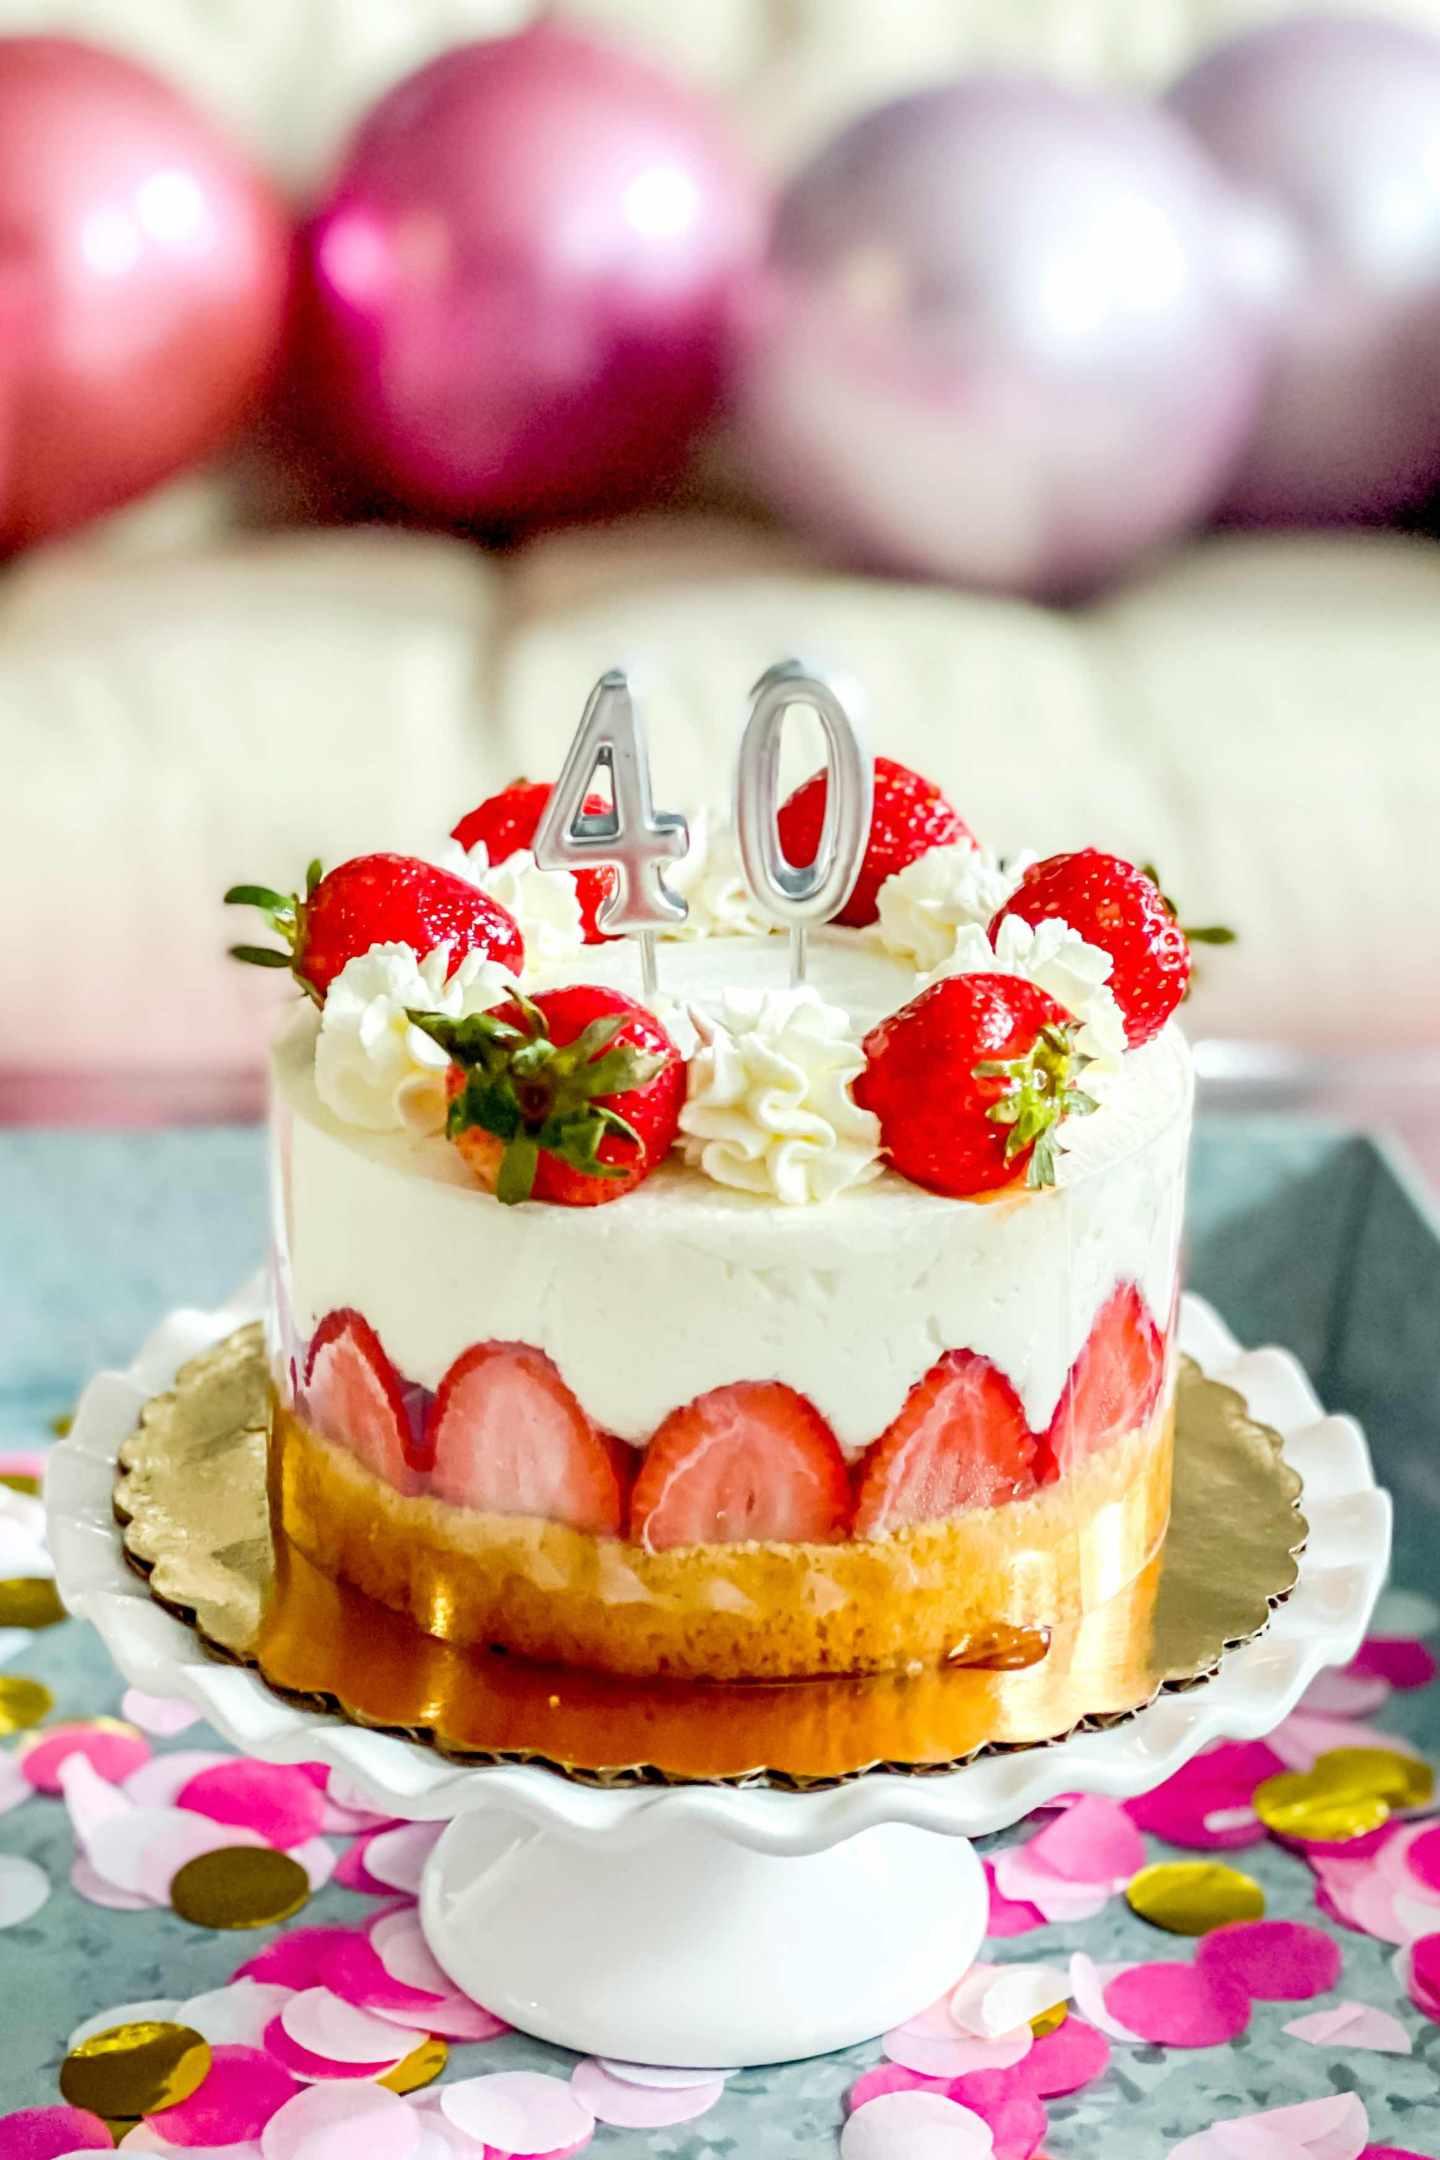 40th birthday cake, 40th birthday photoshoot